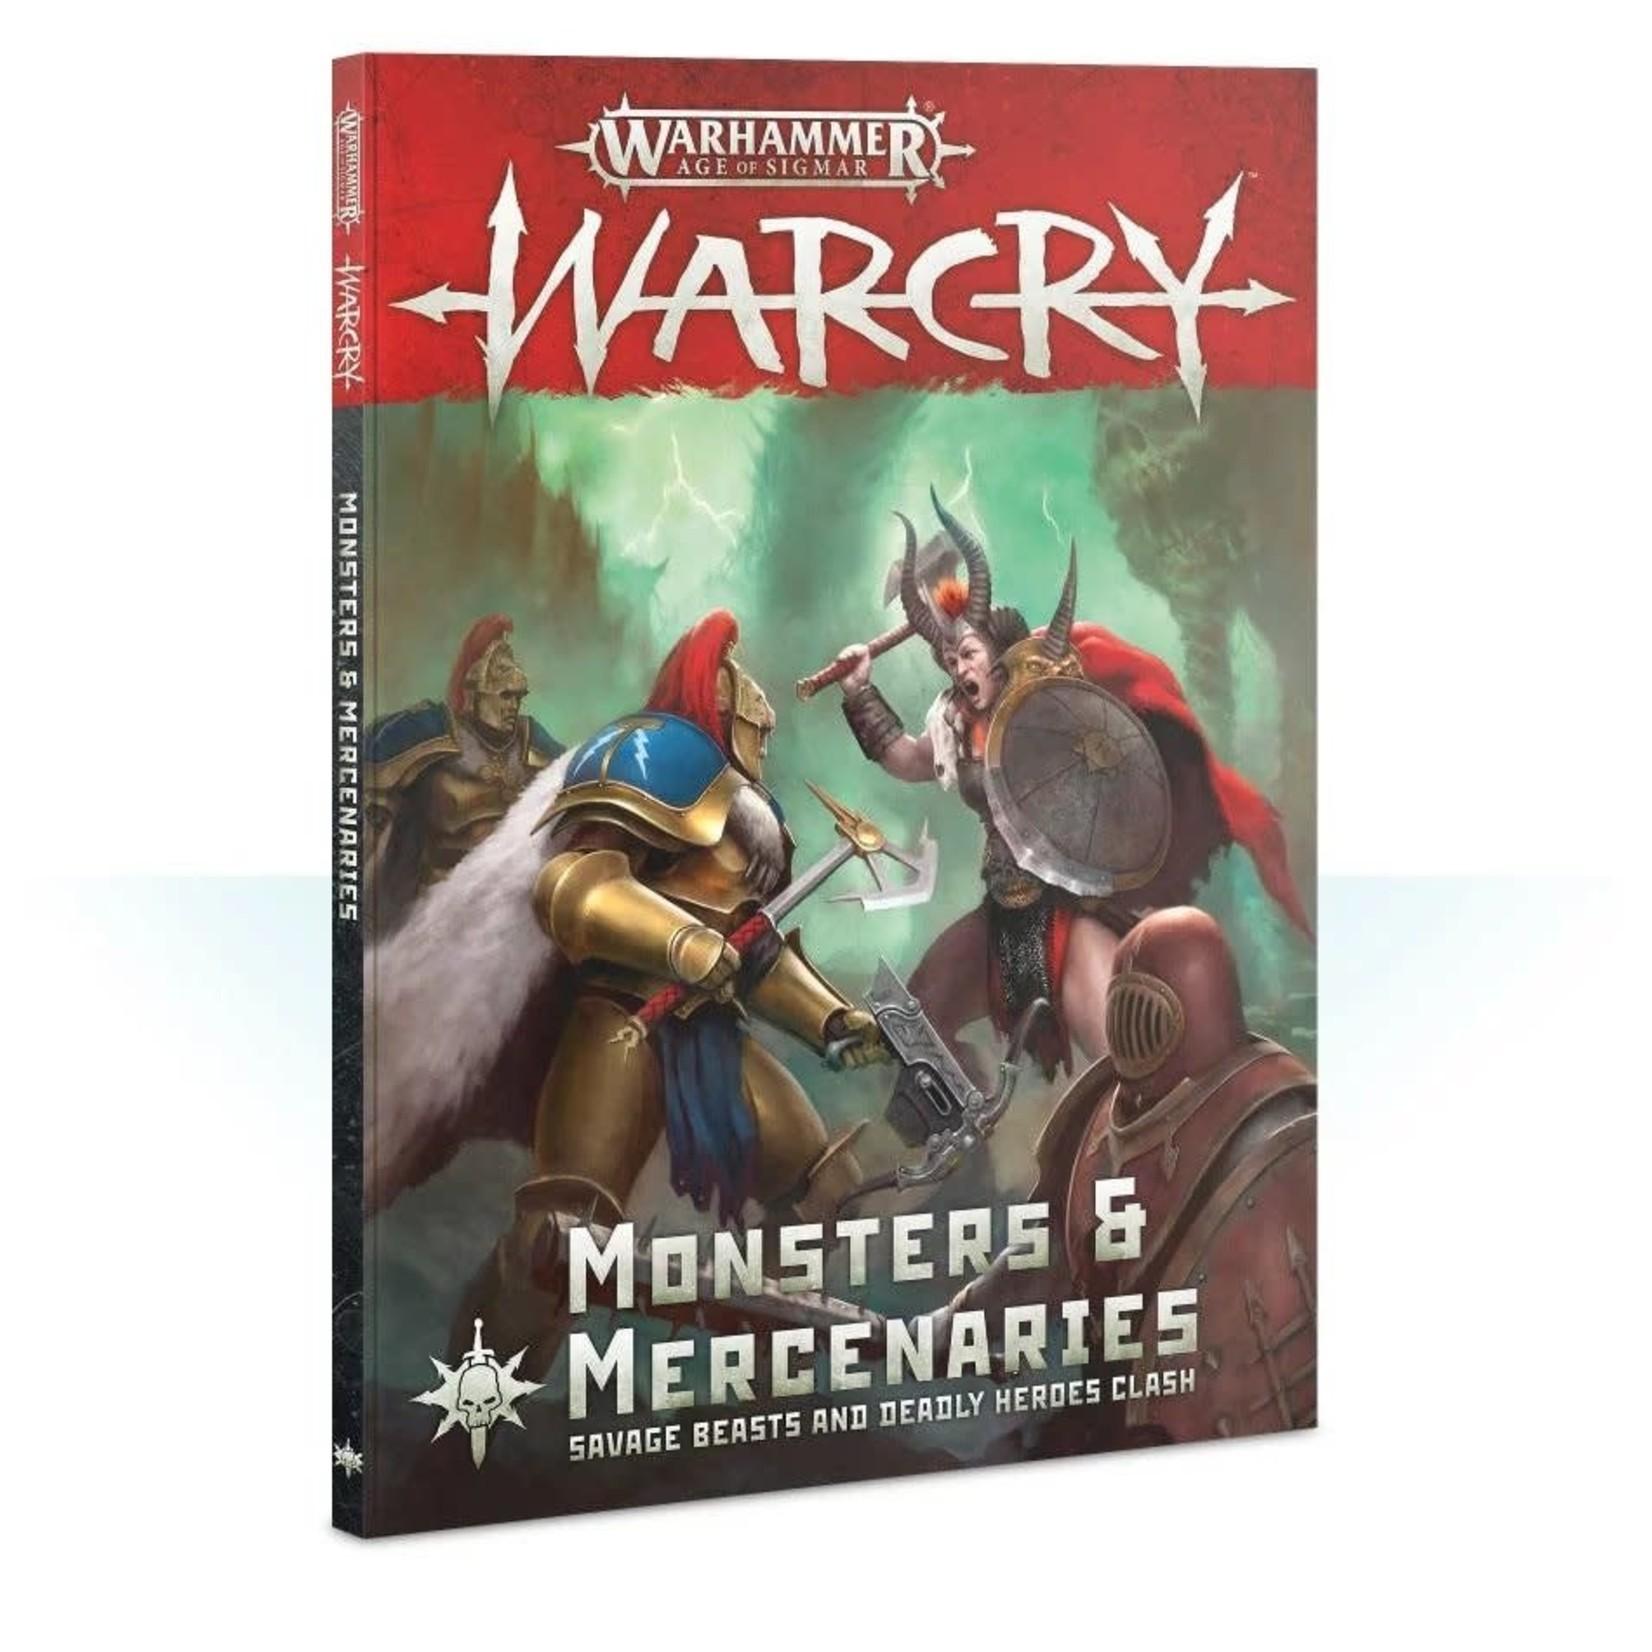 Games Workshop Warhammer Age of Sigmar: Warcry - Monsters and Mercenaries